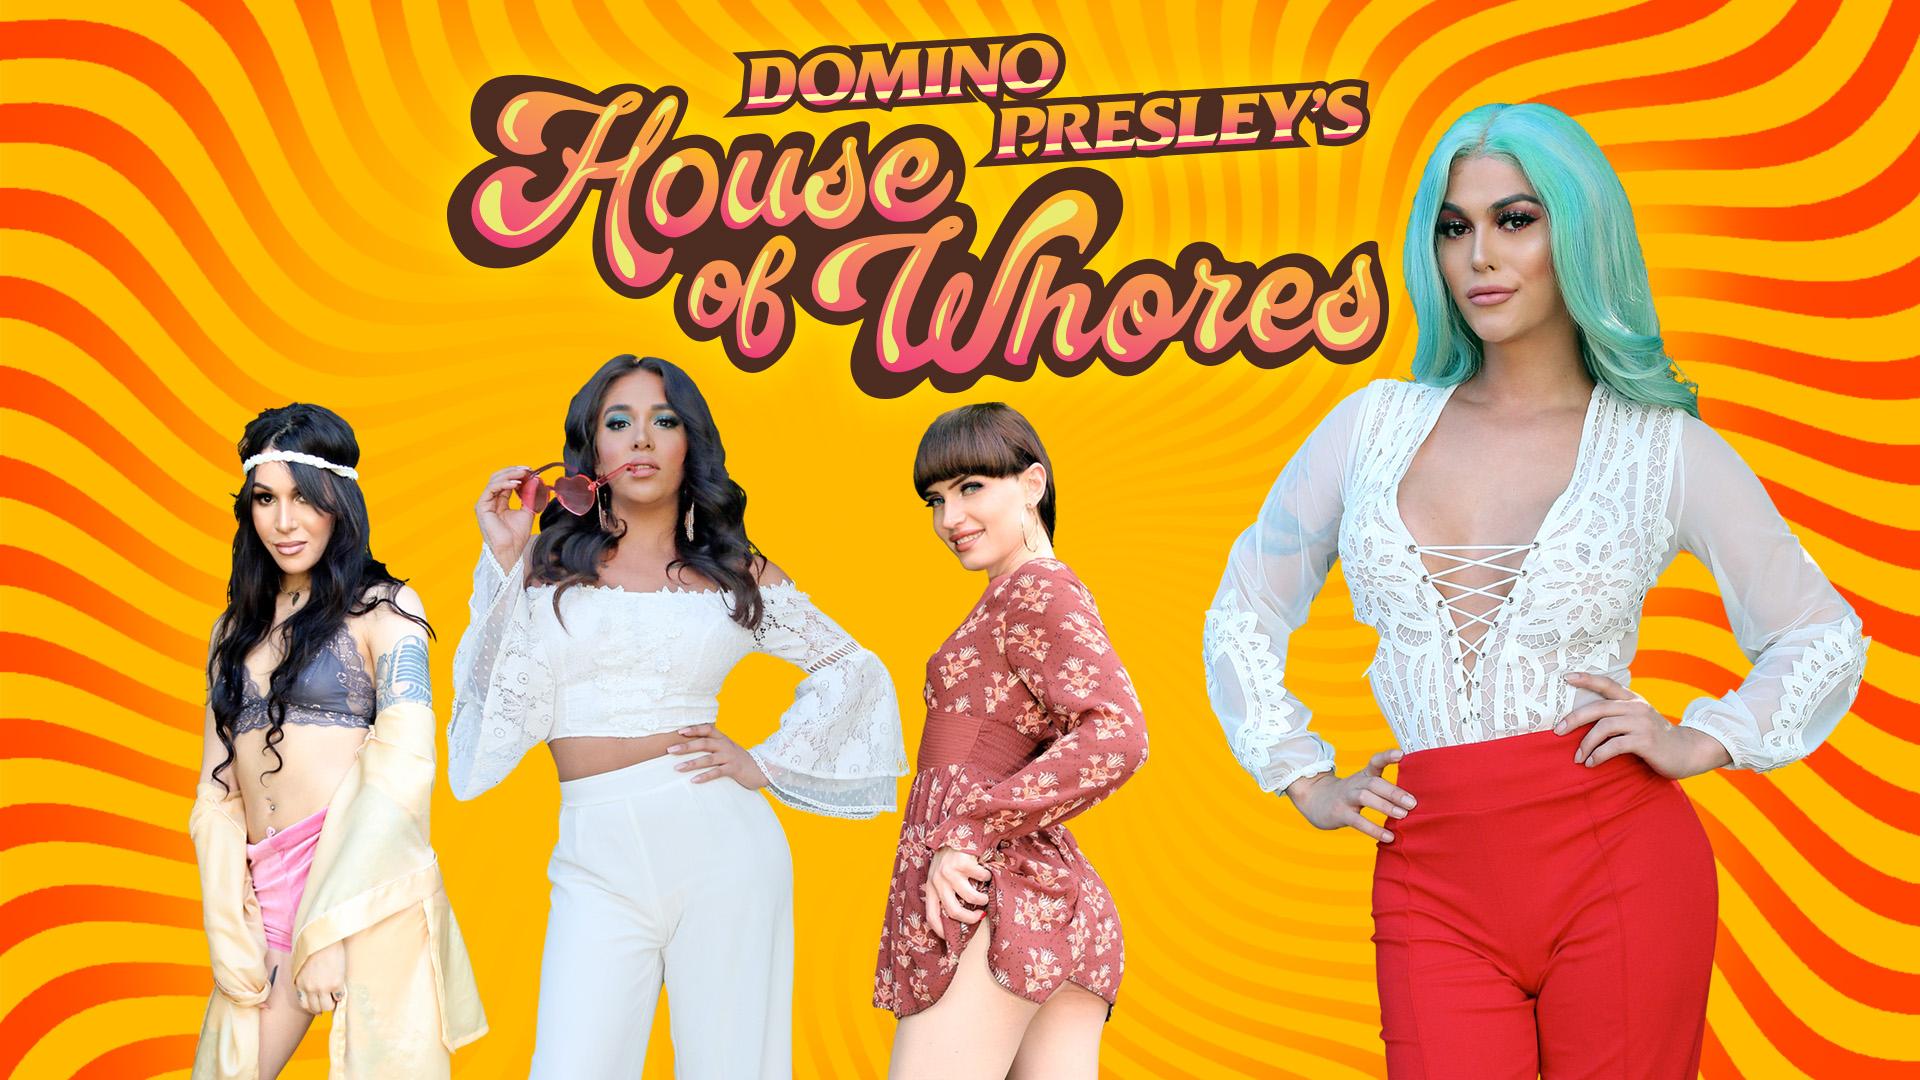 Domino Presley